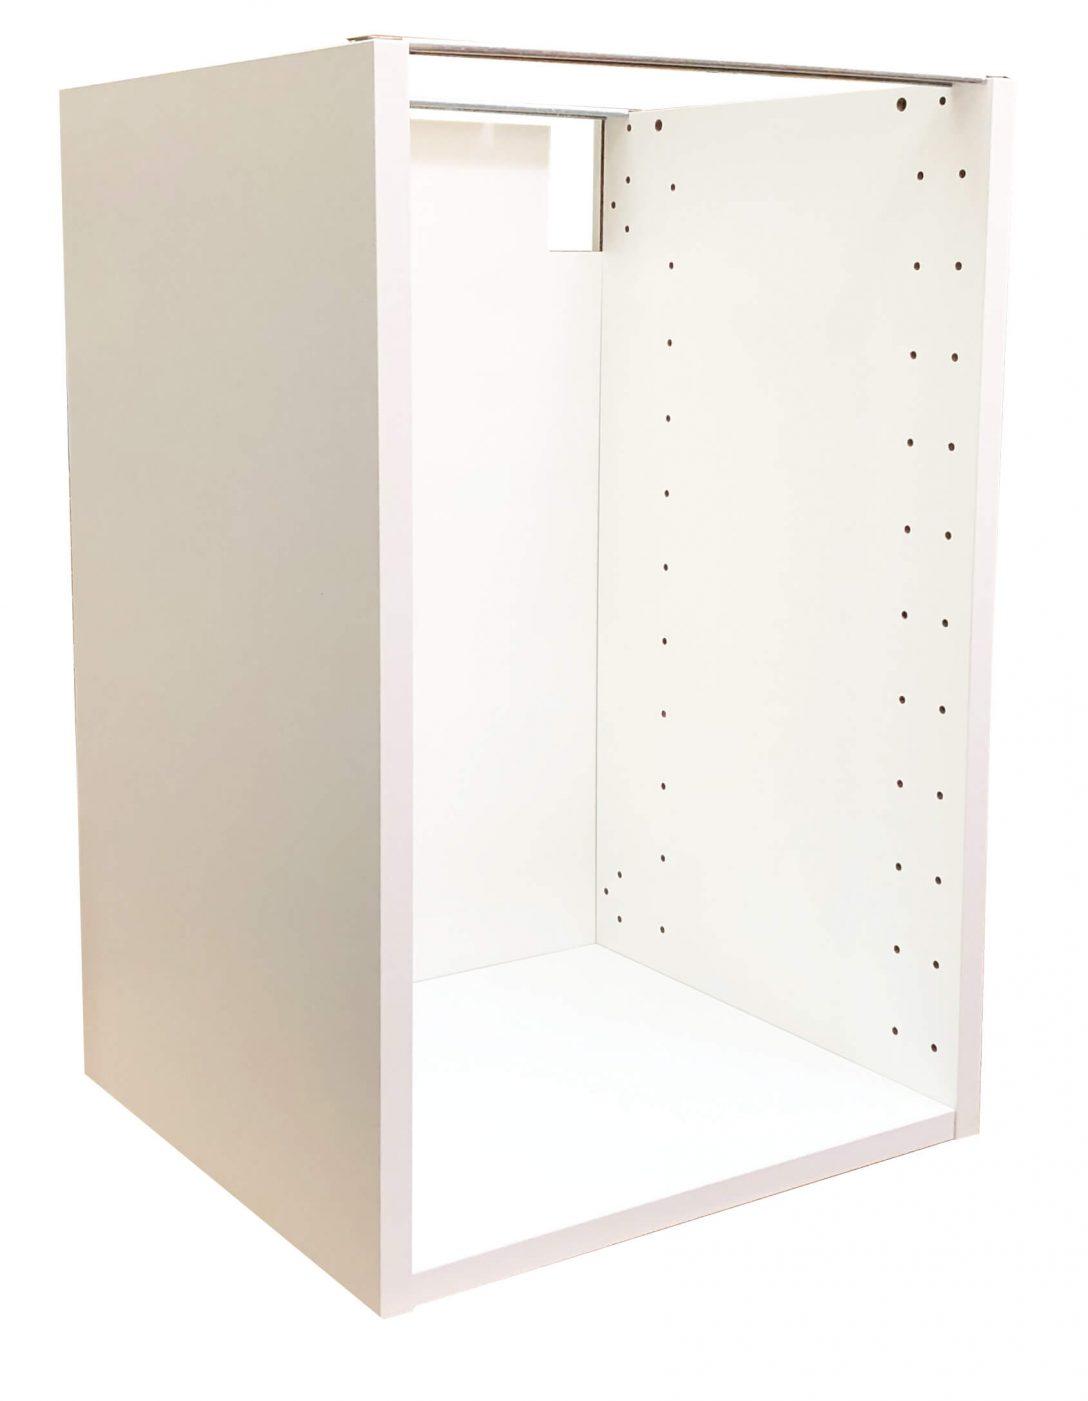 Large Size of Ikea Unterschrank Metod 40x37x60cm 60260429 Küche Kaufen Kosten Eckunterschrank Bad Holz Sofa Mit Schlaffunktion Badezimmer Betten Bei 160x200 Modulküche Wohnzimmer Ikea Unterschrank